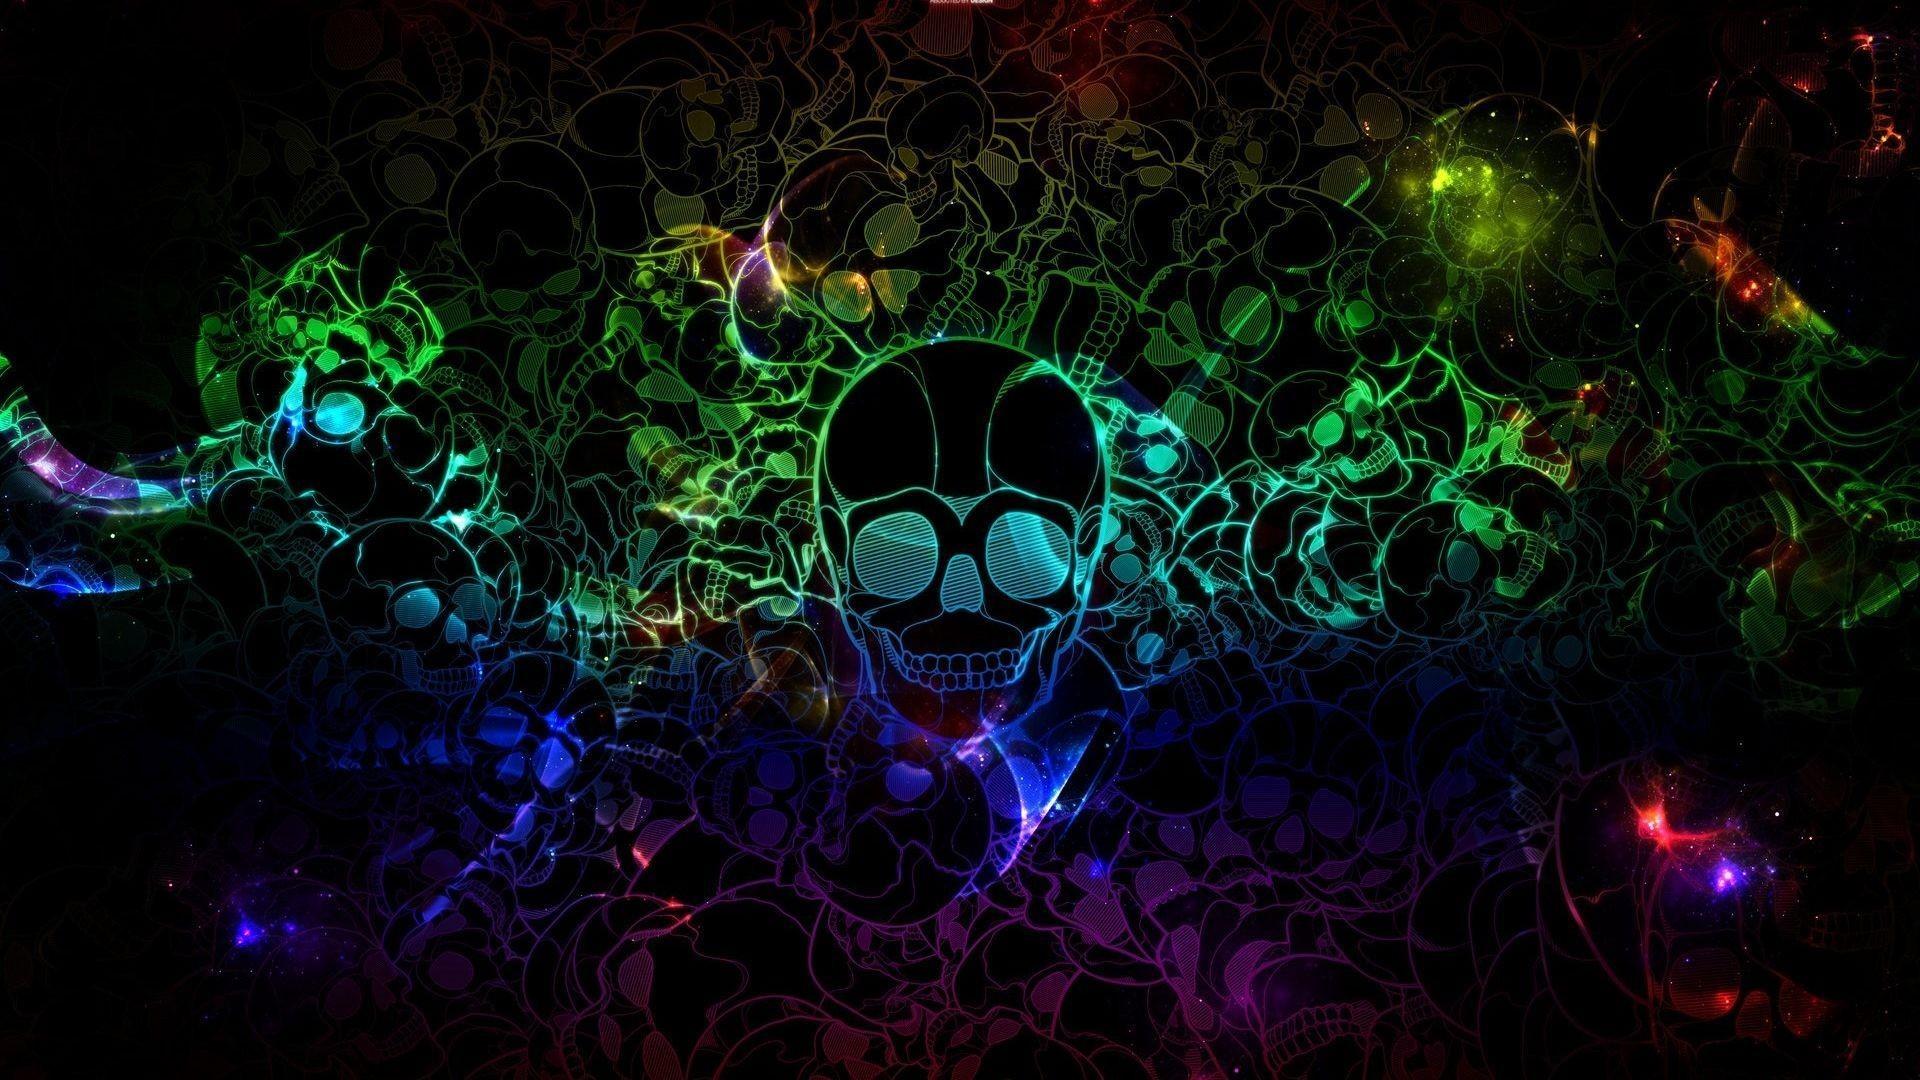 54 Girly Skull